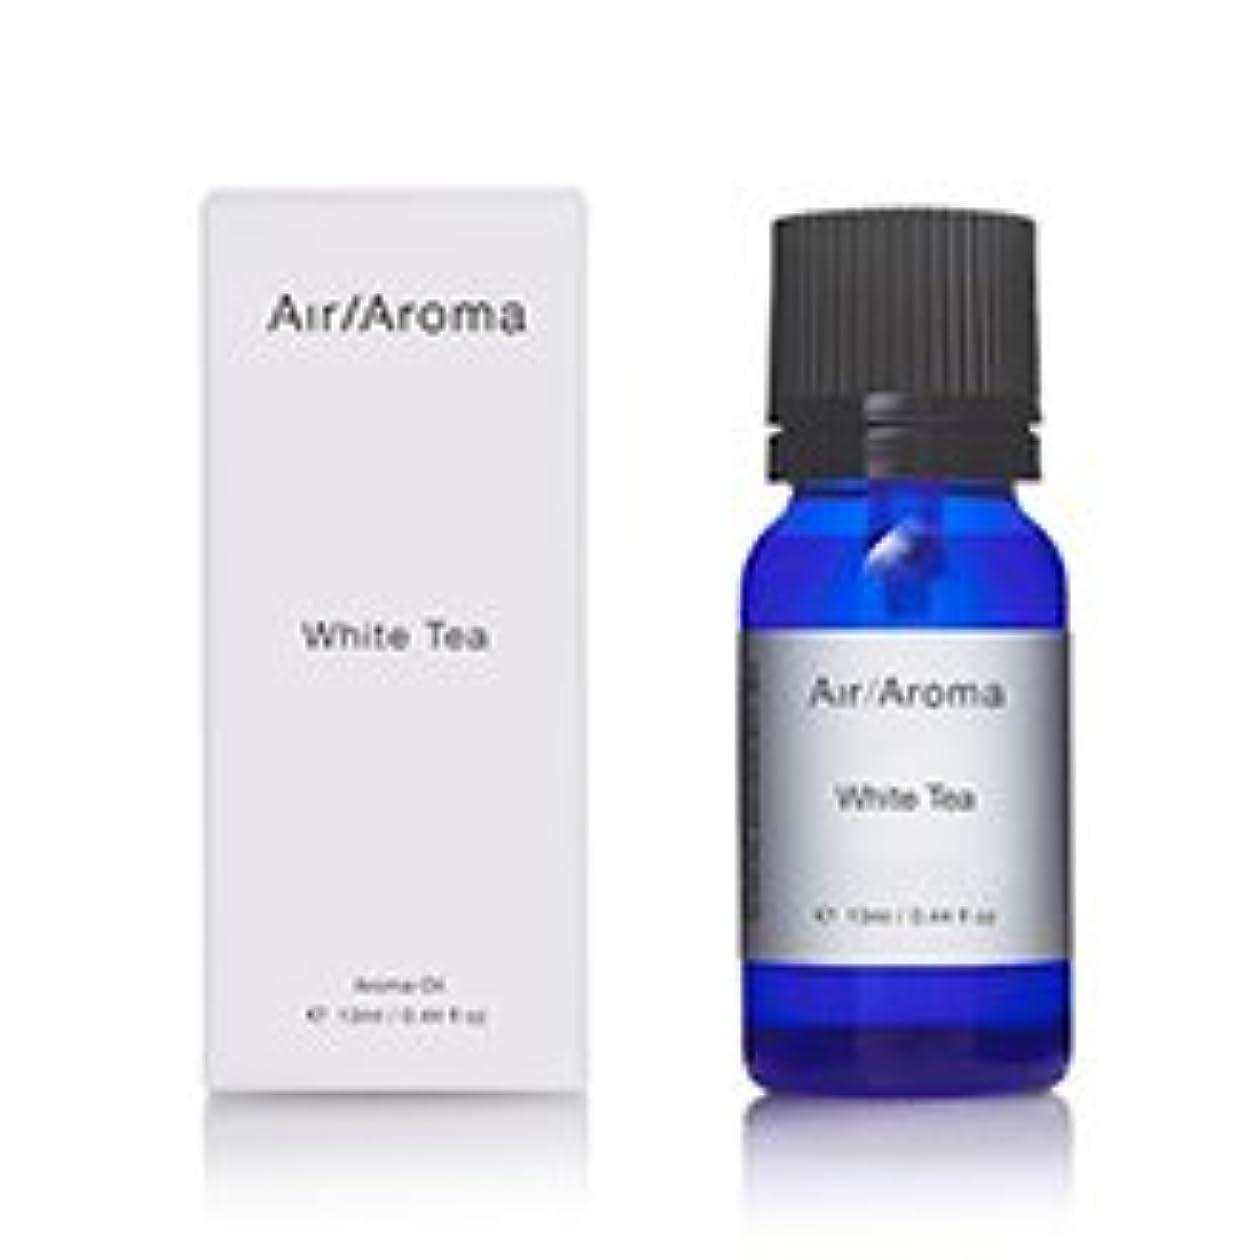 湖ステンレス議題エアアロマ White Tea (ホワイトティー) 13ml